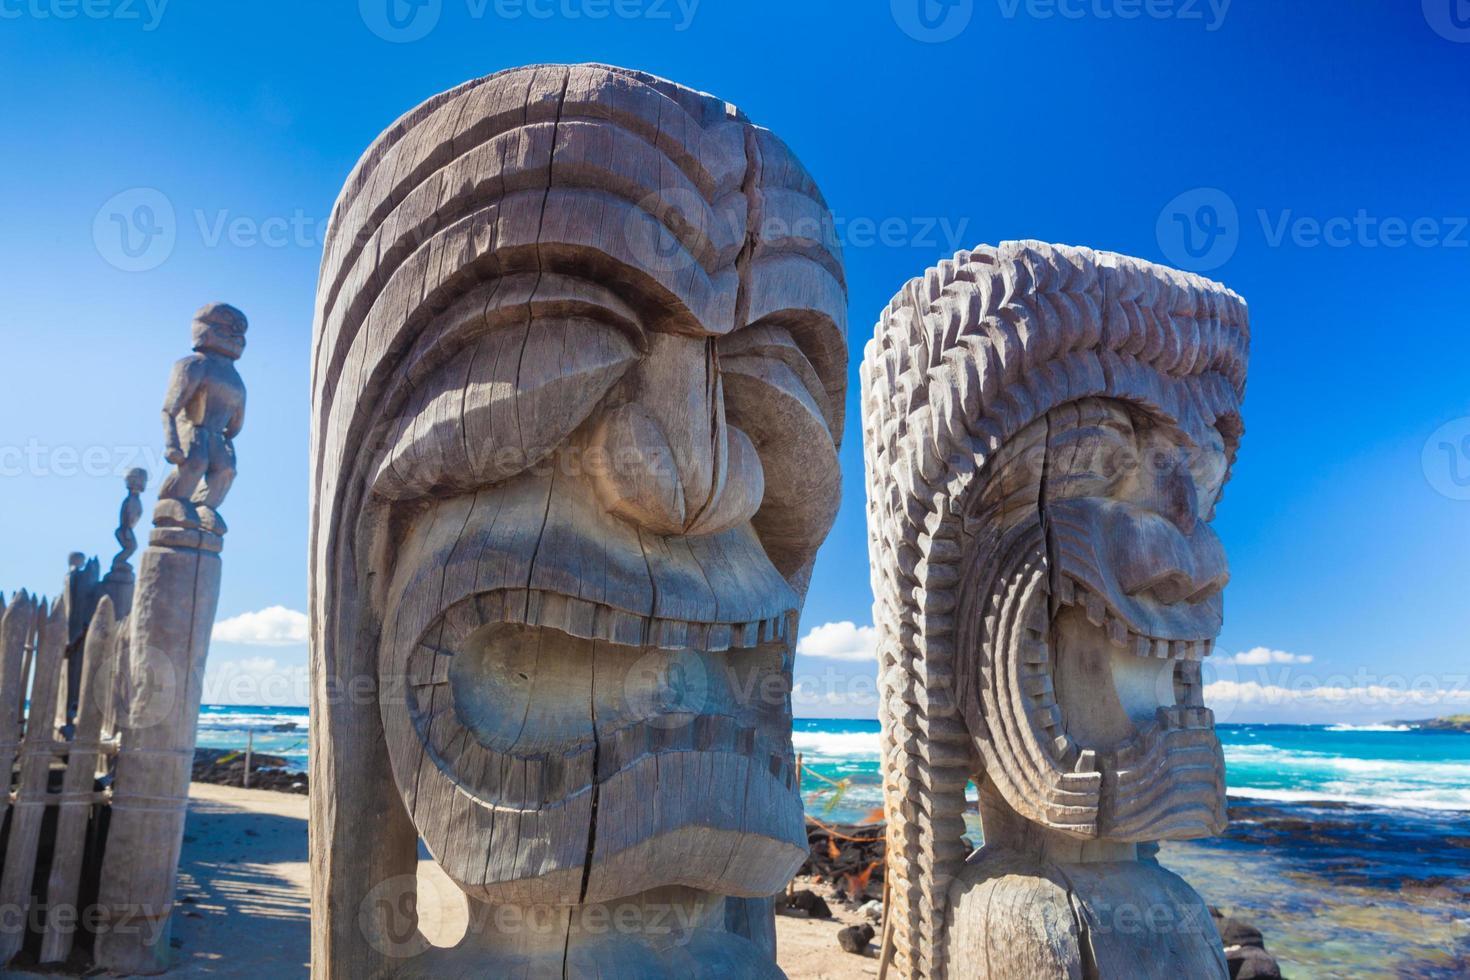 scultura in legno hawaiano foto